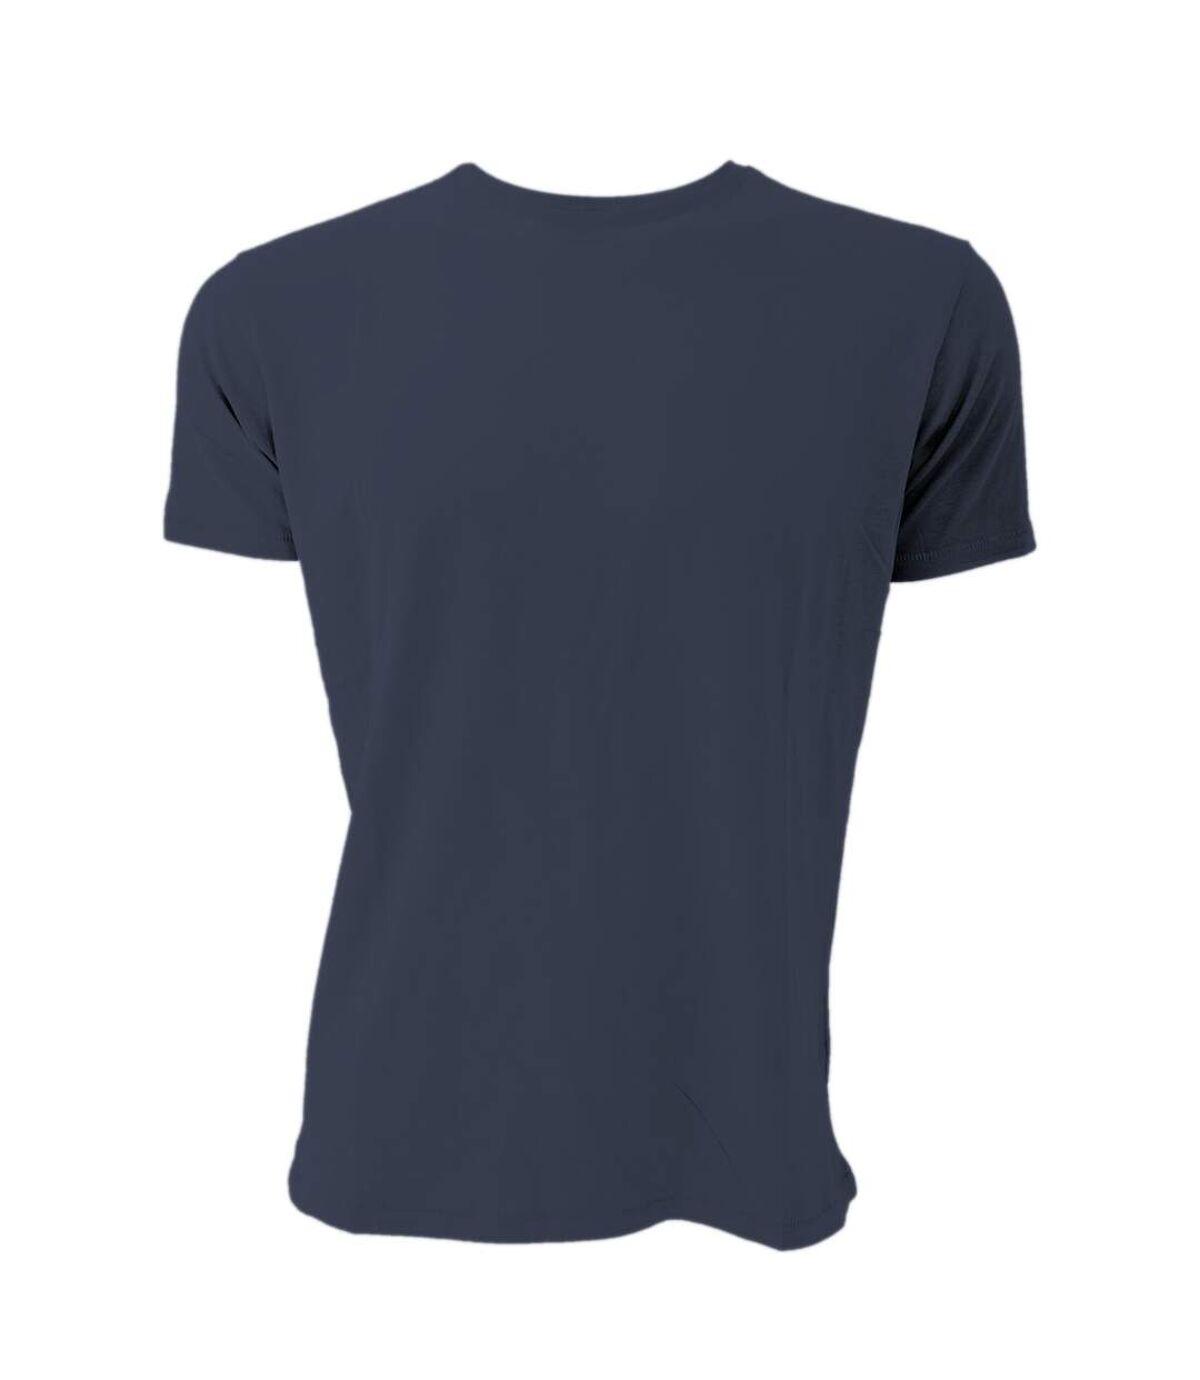 Mantis Mens Superstar Short Sleeve T-Shirt (Dark Navy) - UTBC675